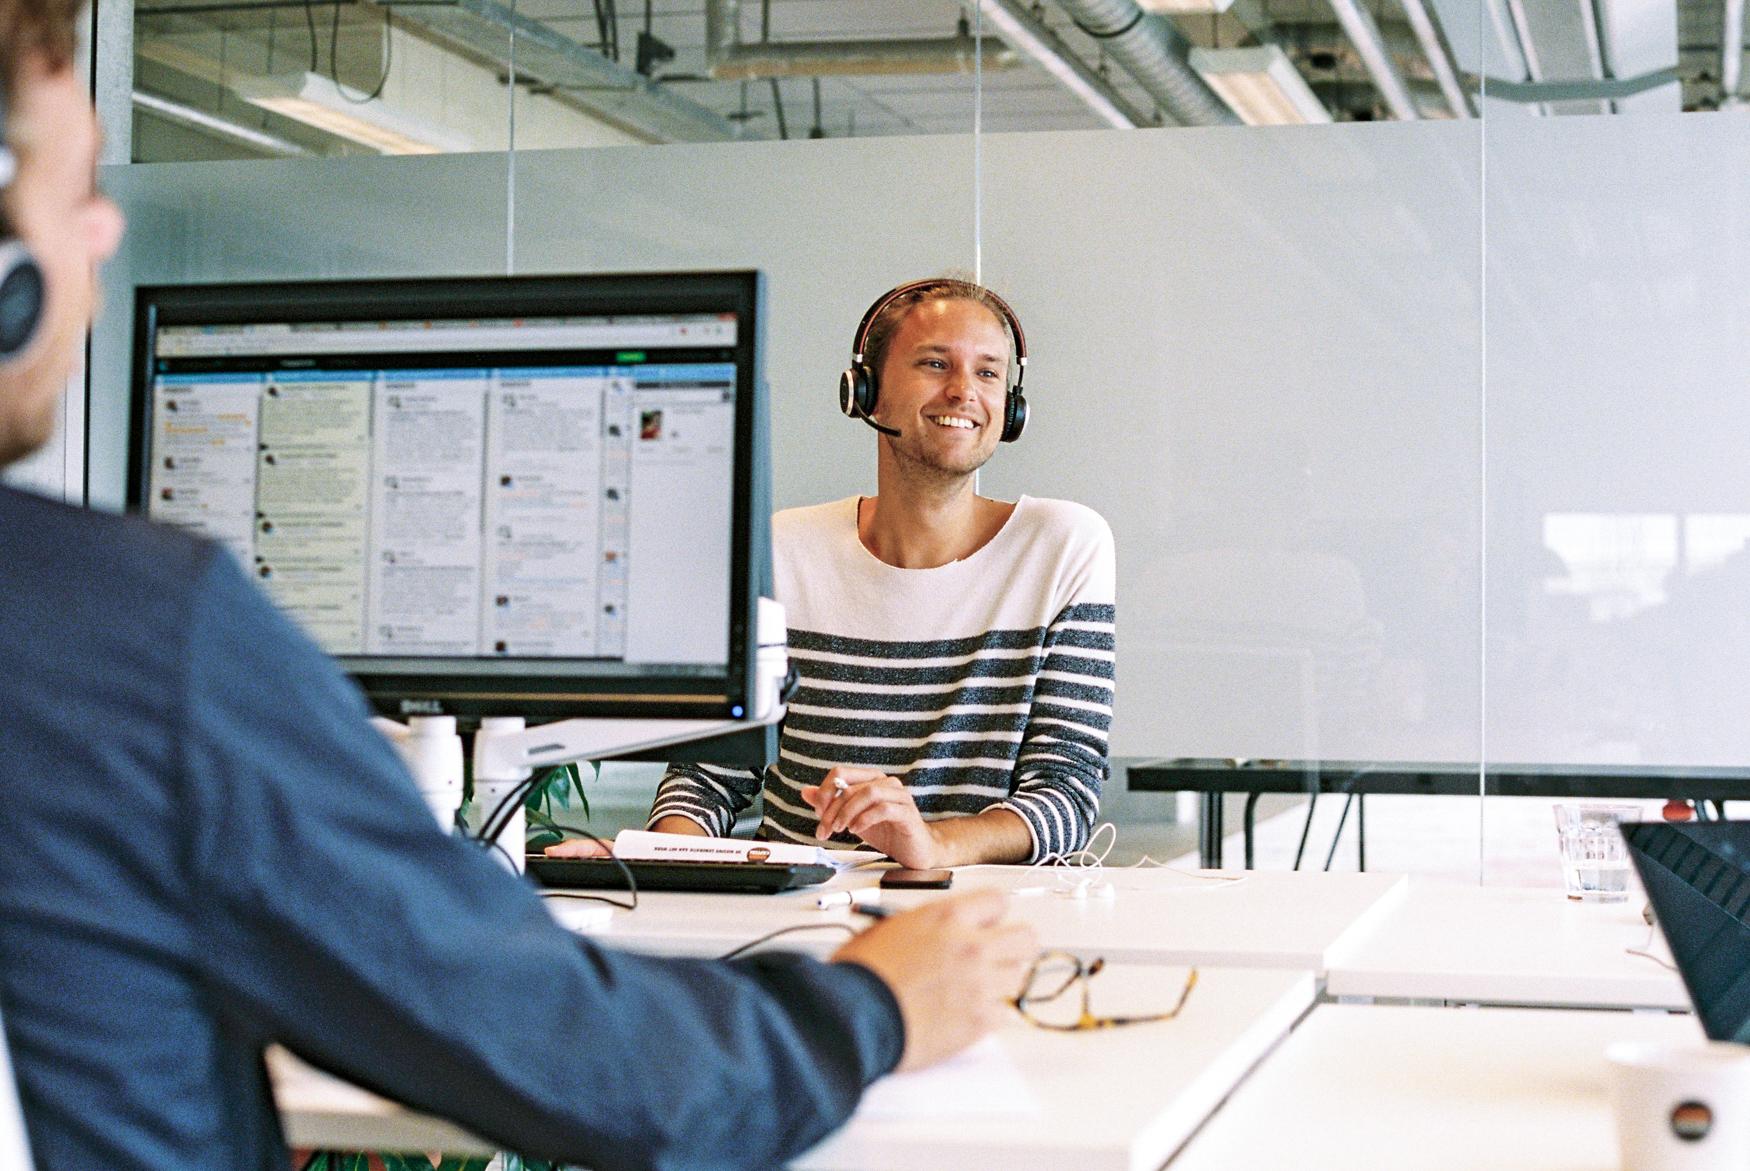 Werkstudent als Kundenservicemitarbeiter